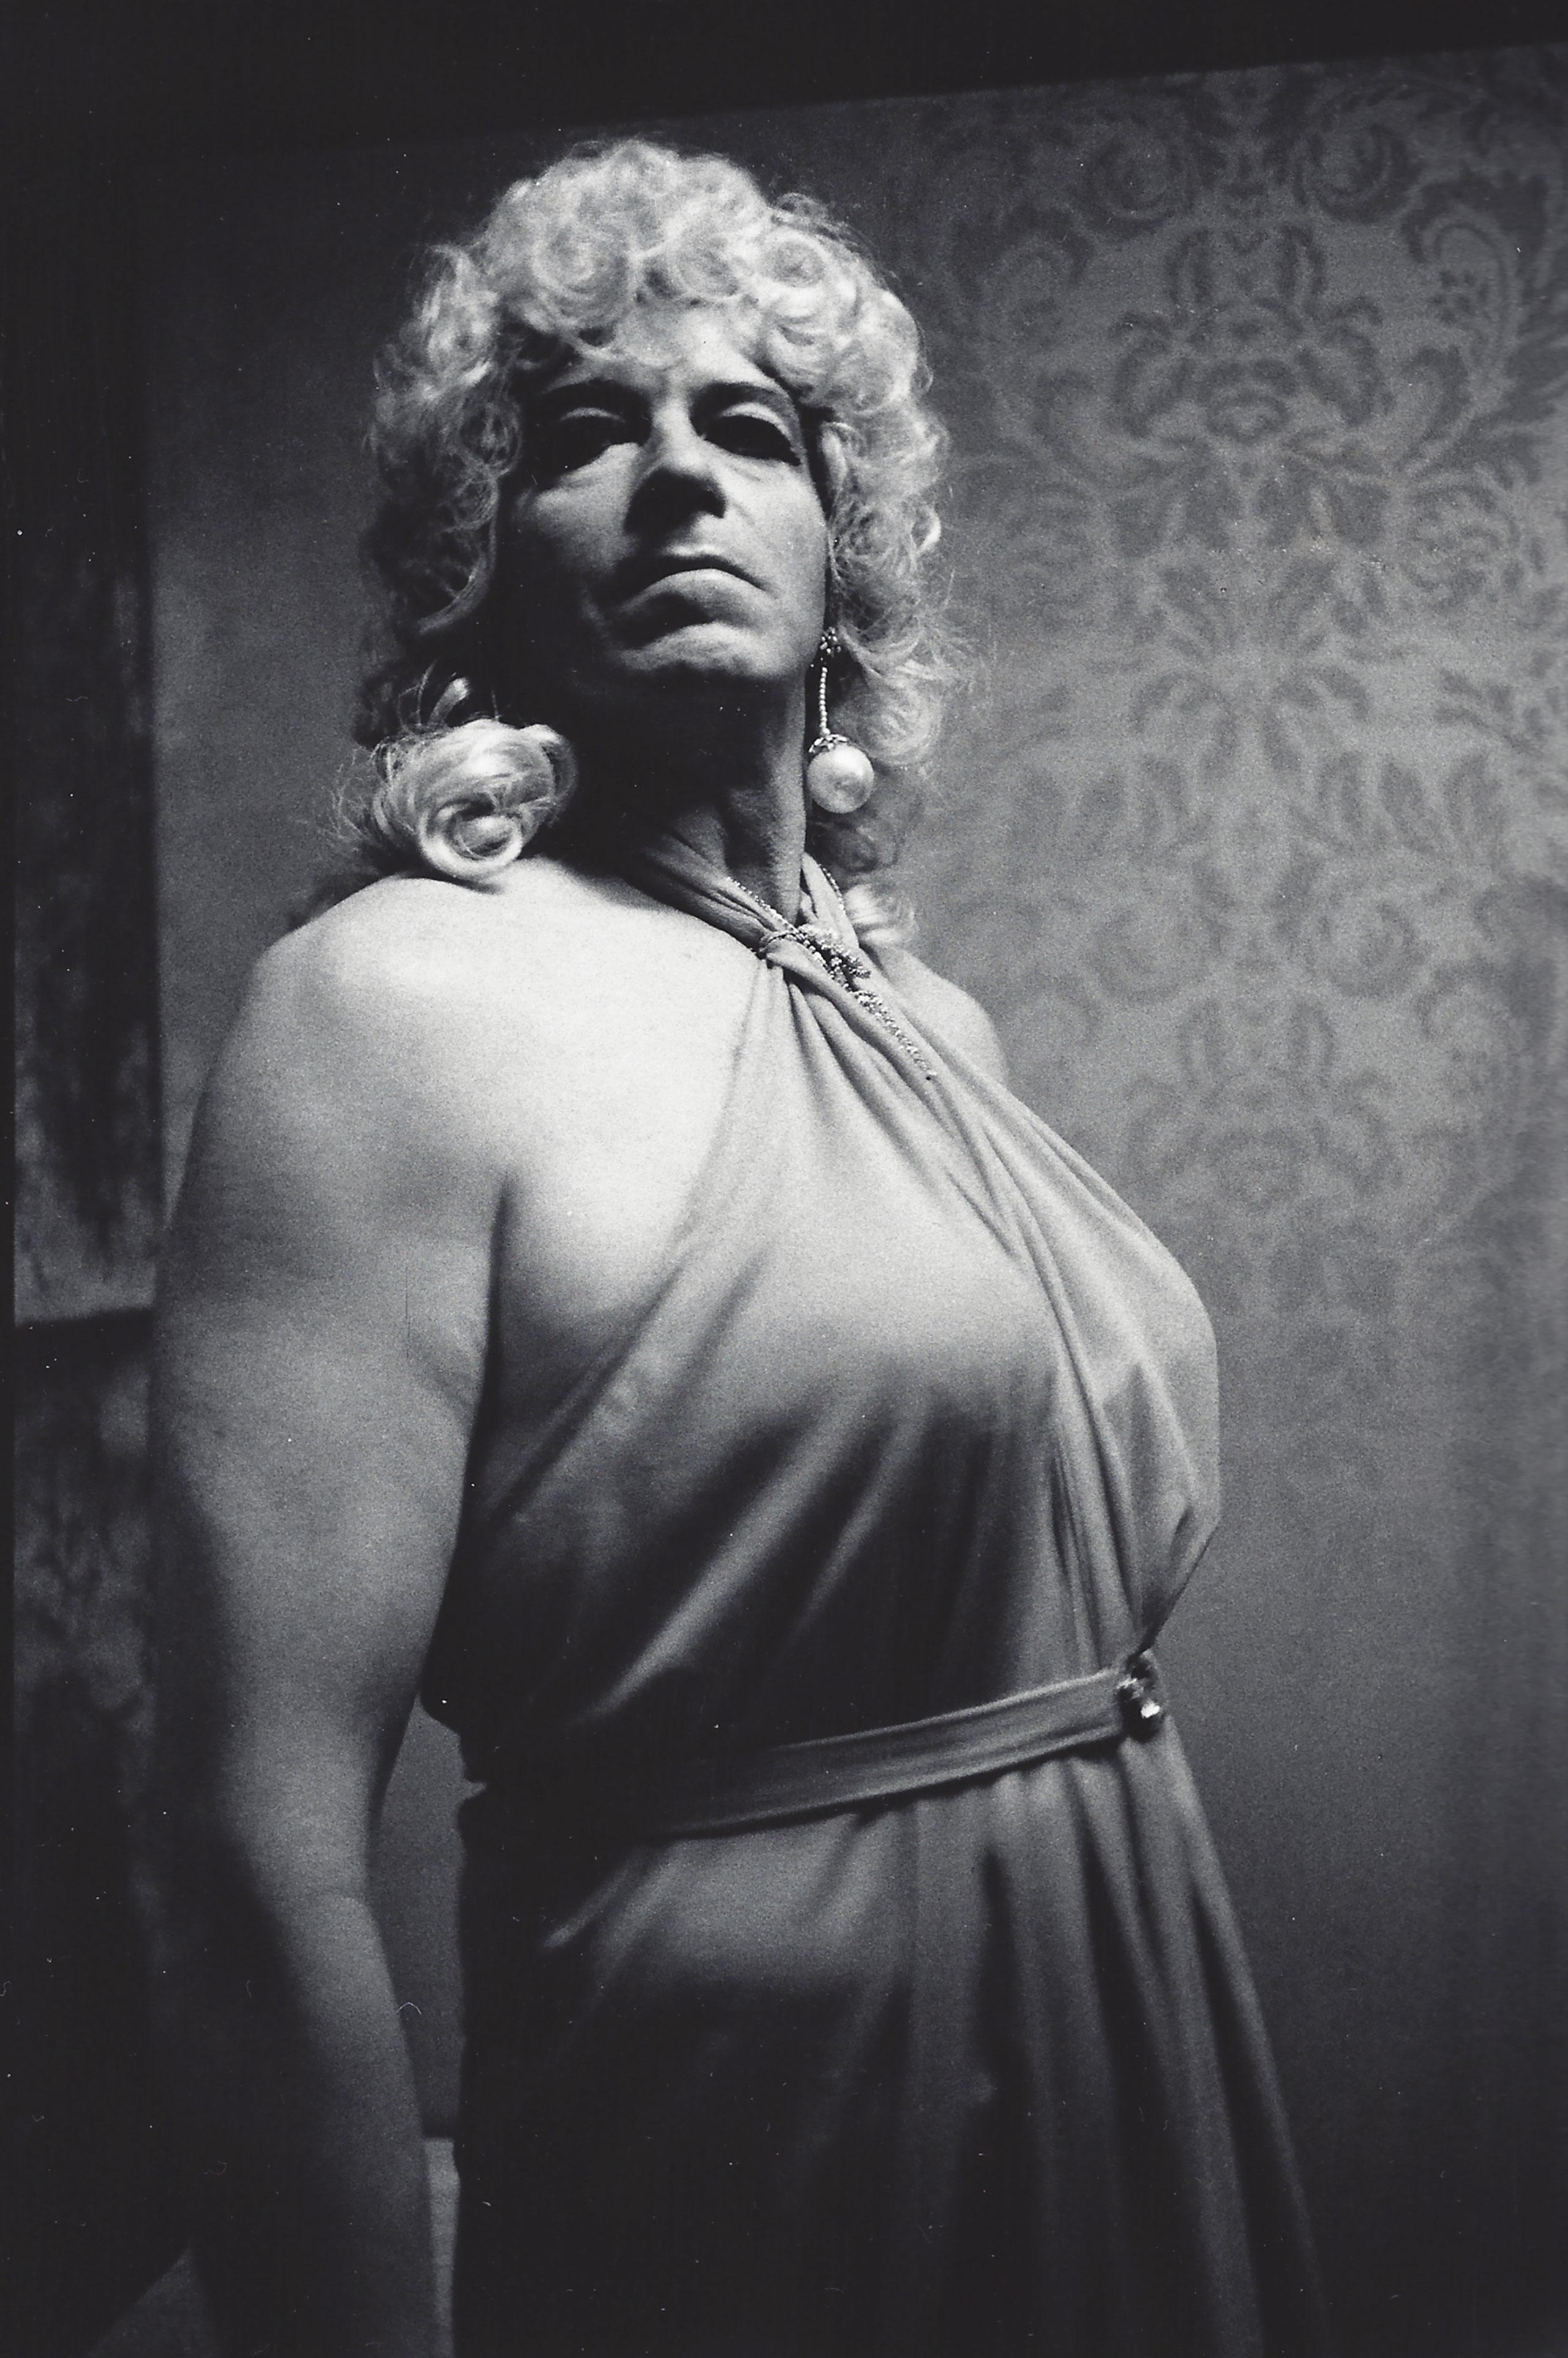 Drag Queen, Long Beach, 1971.